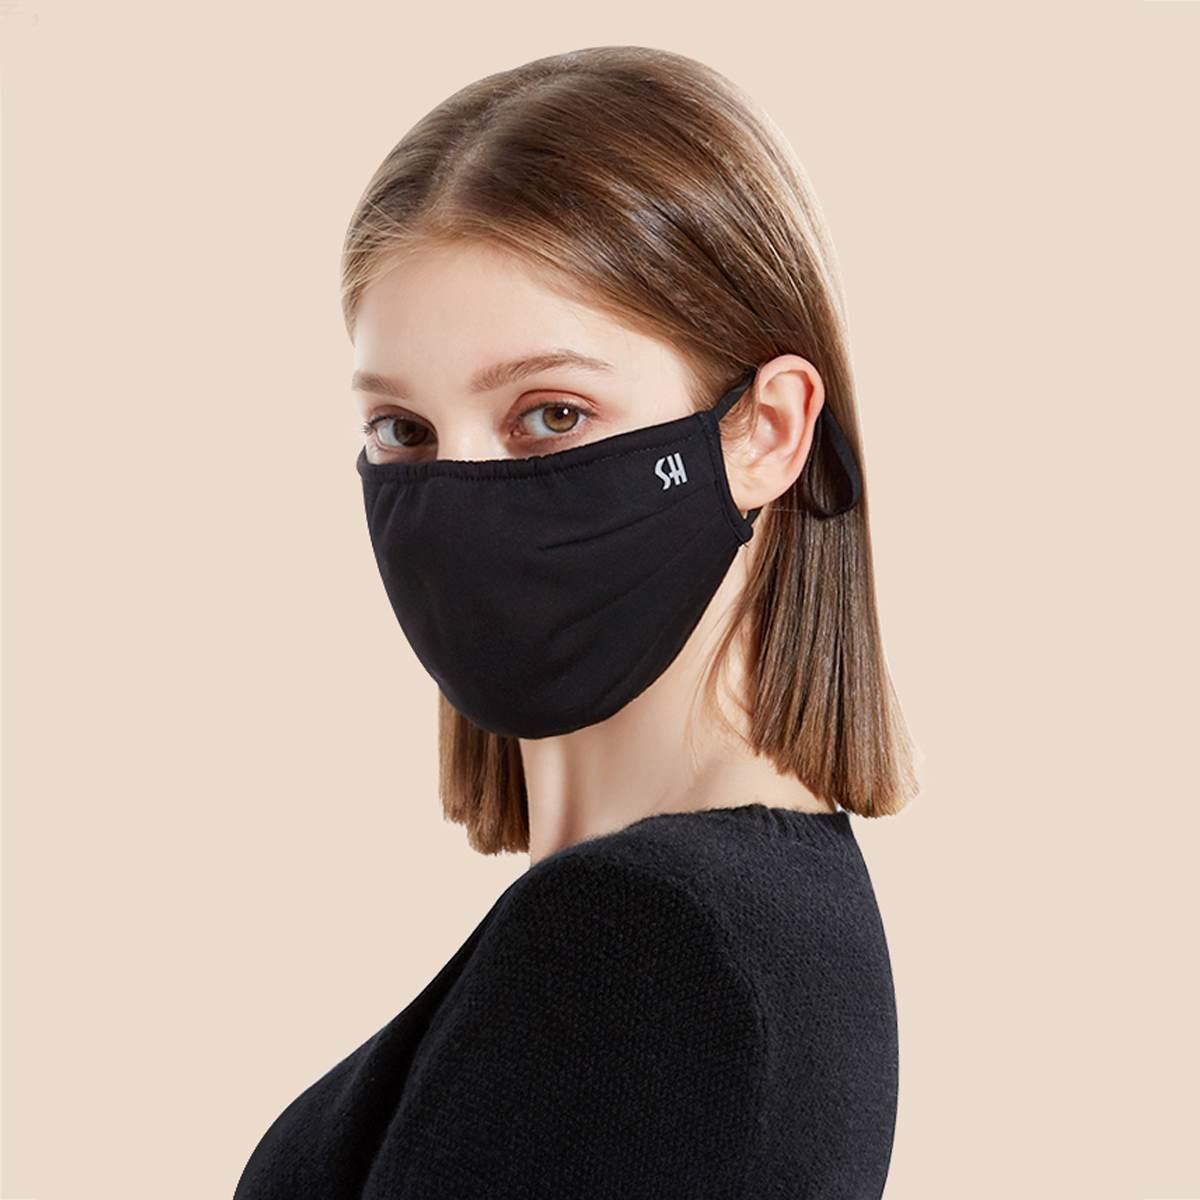 Черная маска для лица против загрязнения воздуха PM2.5 маска для лица многоразовые маски для мужчин и женщин